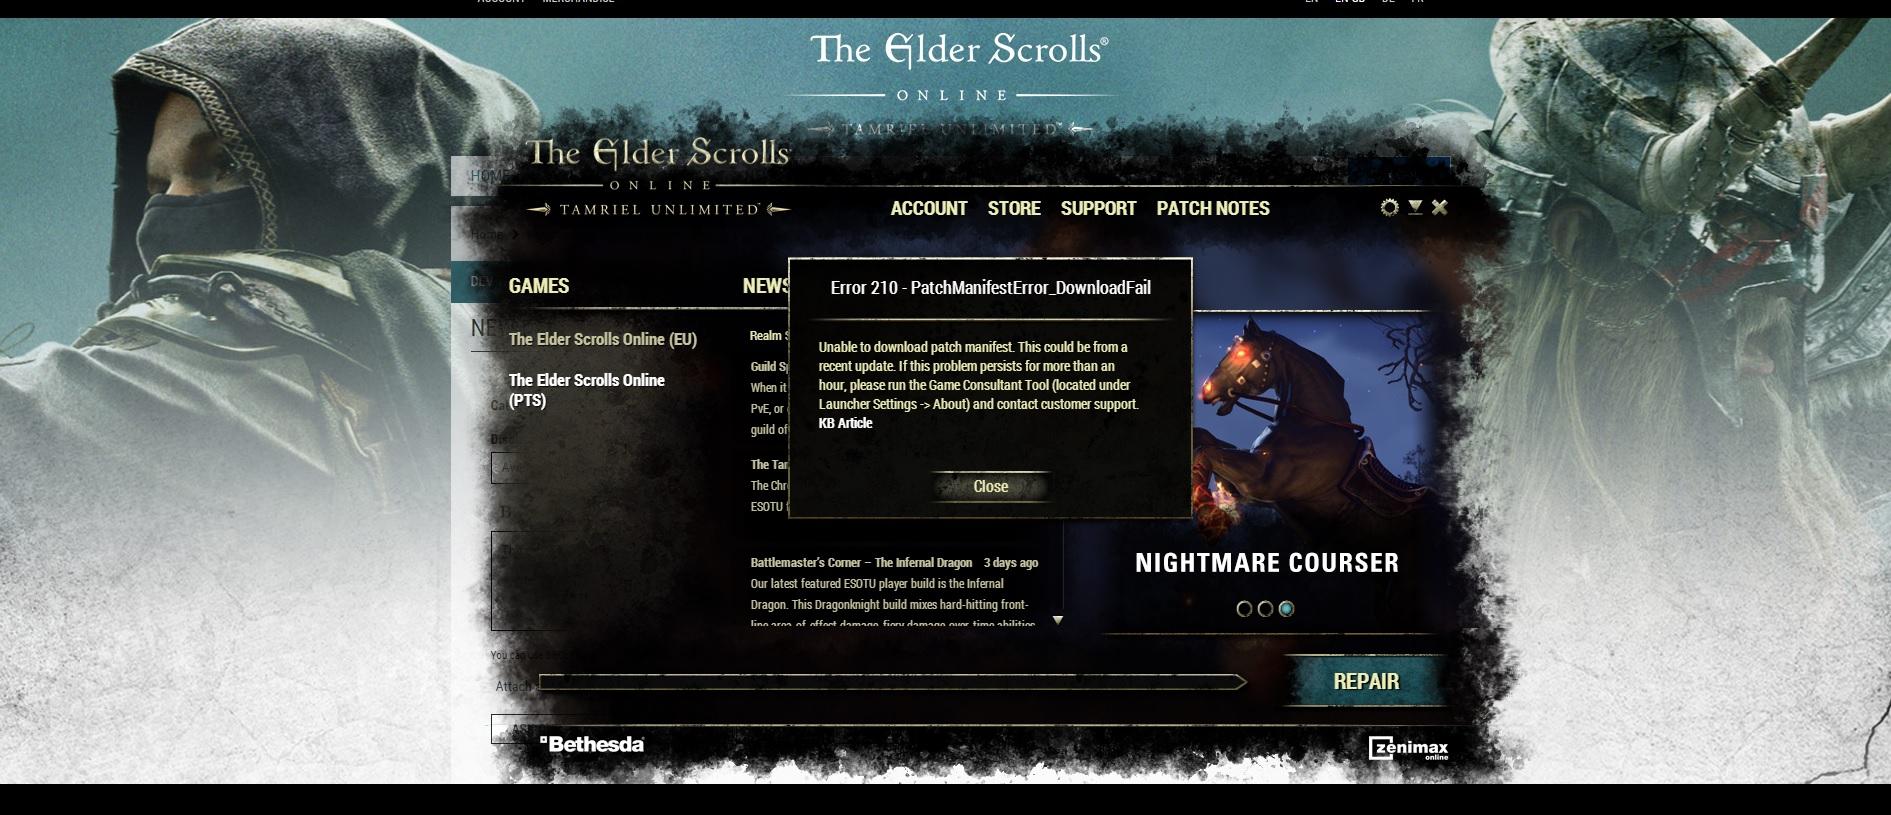 Avast blocking — Elder Scrolls Online